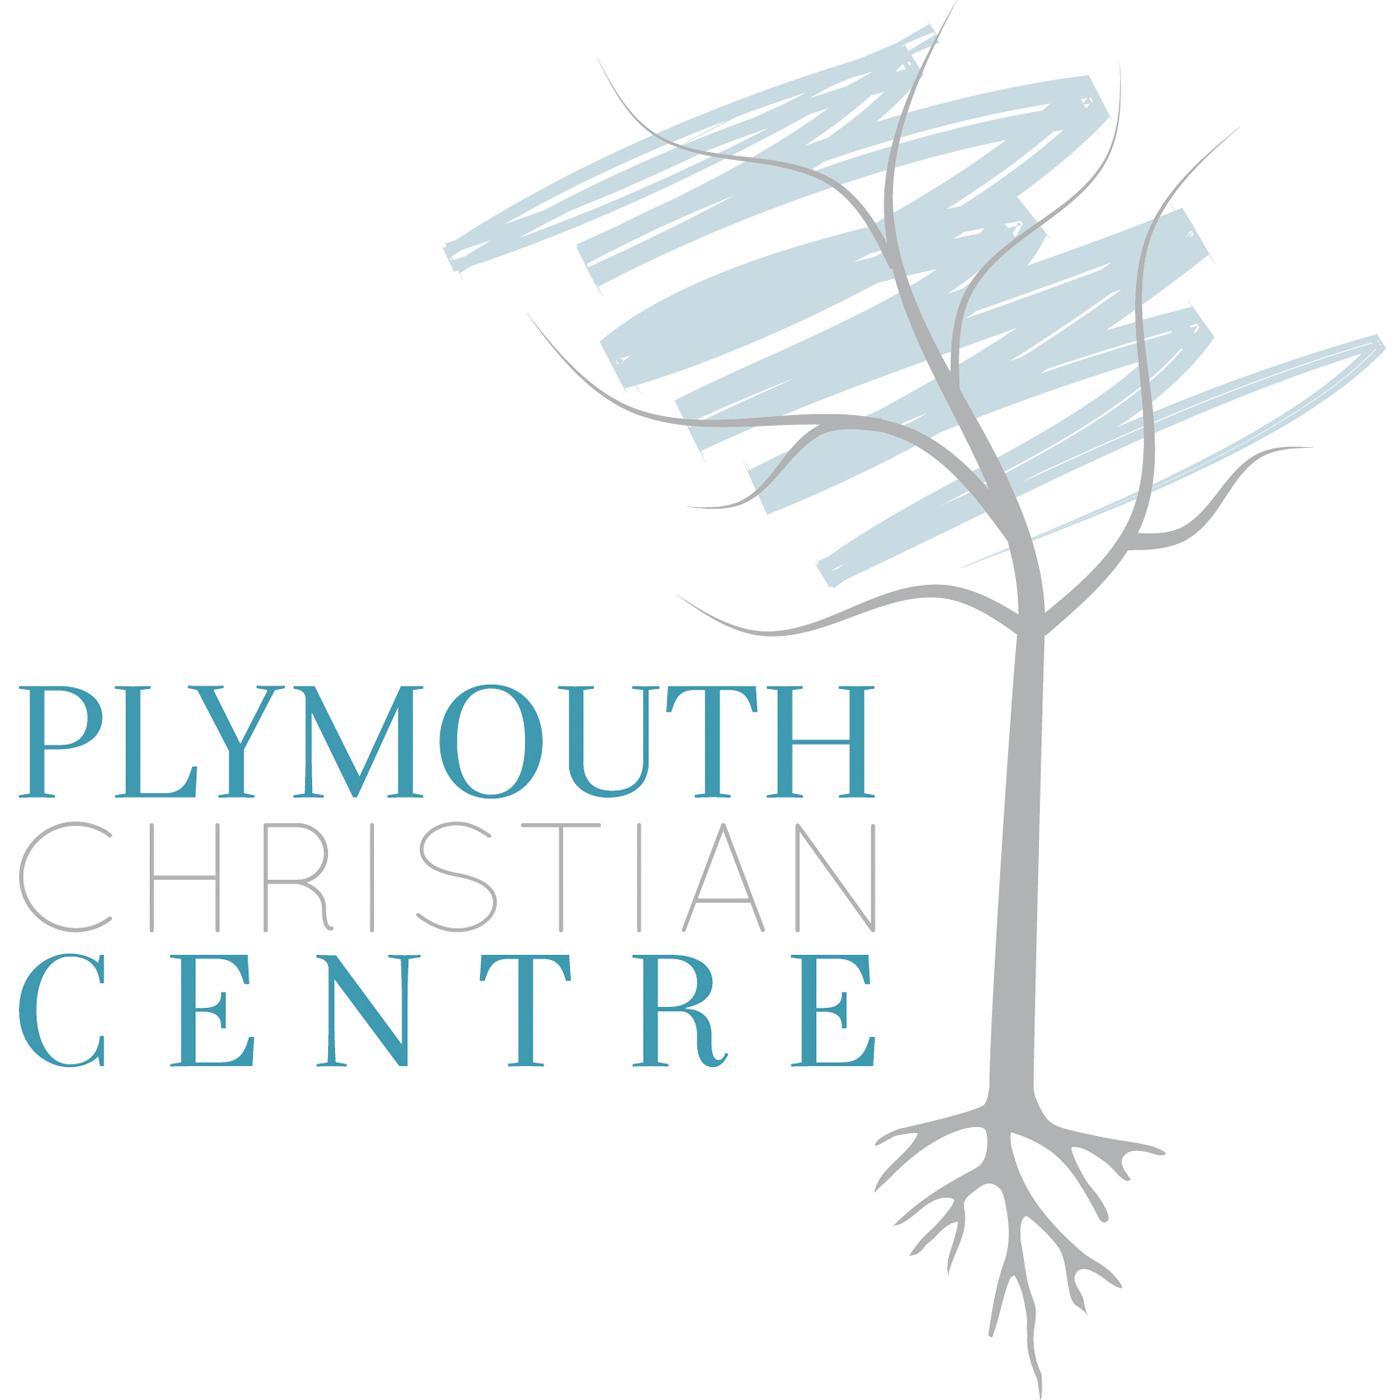 plymouth-christian-centre-plymouth-u1YDXJ6b3rn--oQY8y3eA7T.1400x1400